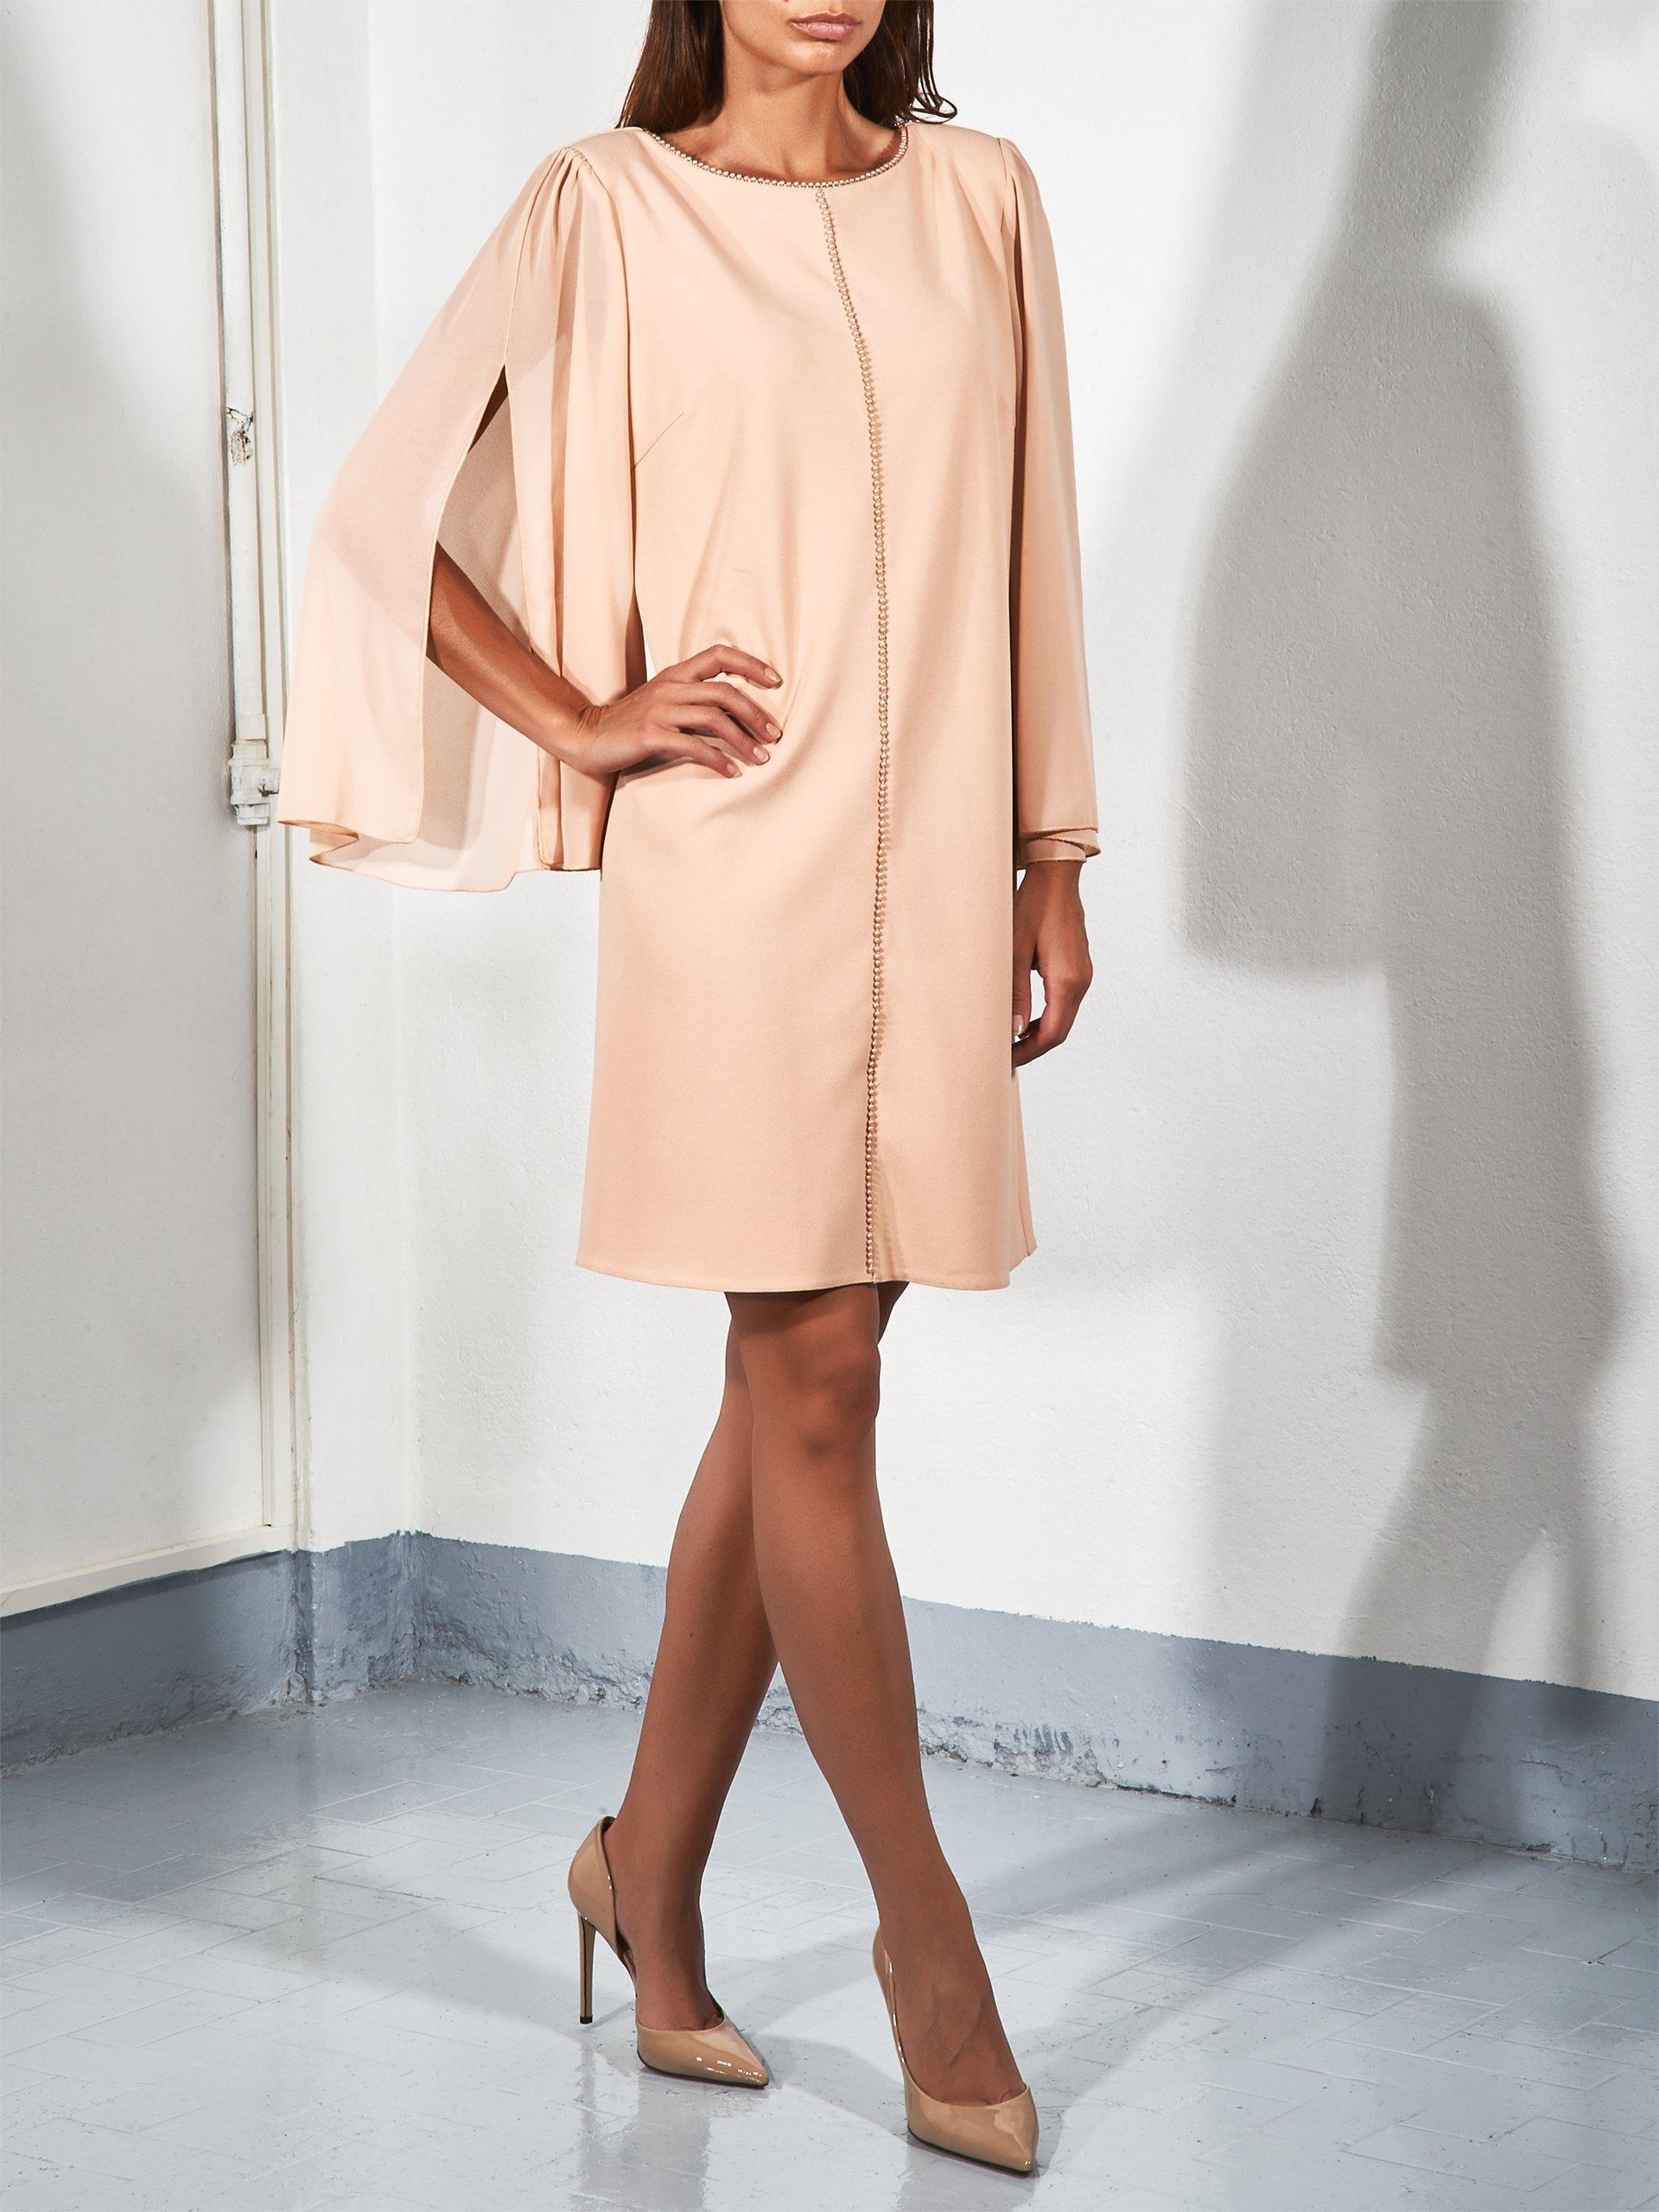 Vestito elegante Rinascimento prezzo 99 euro